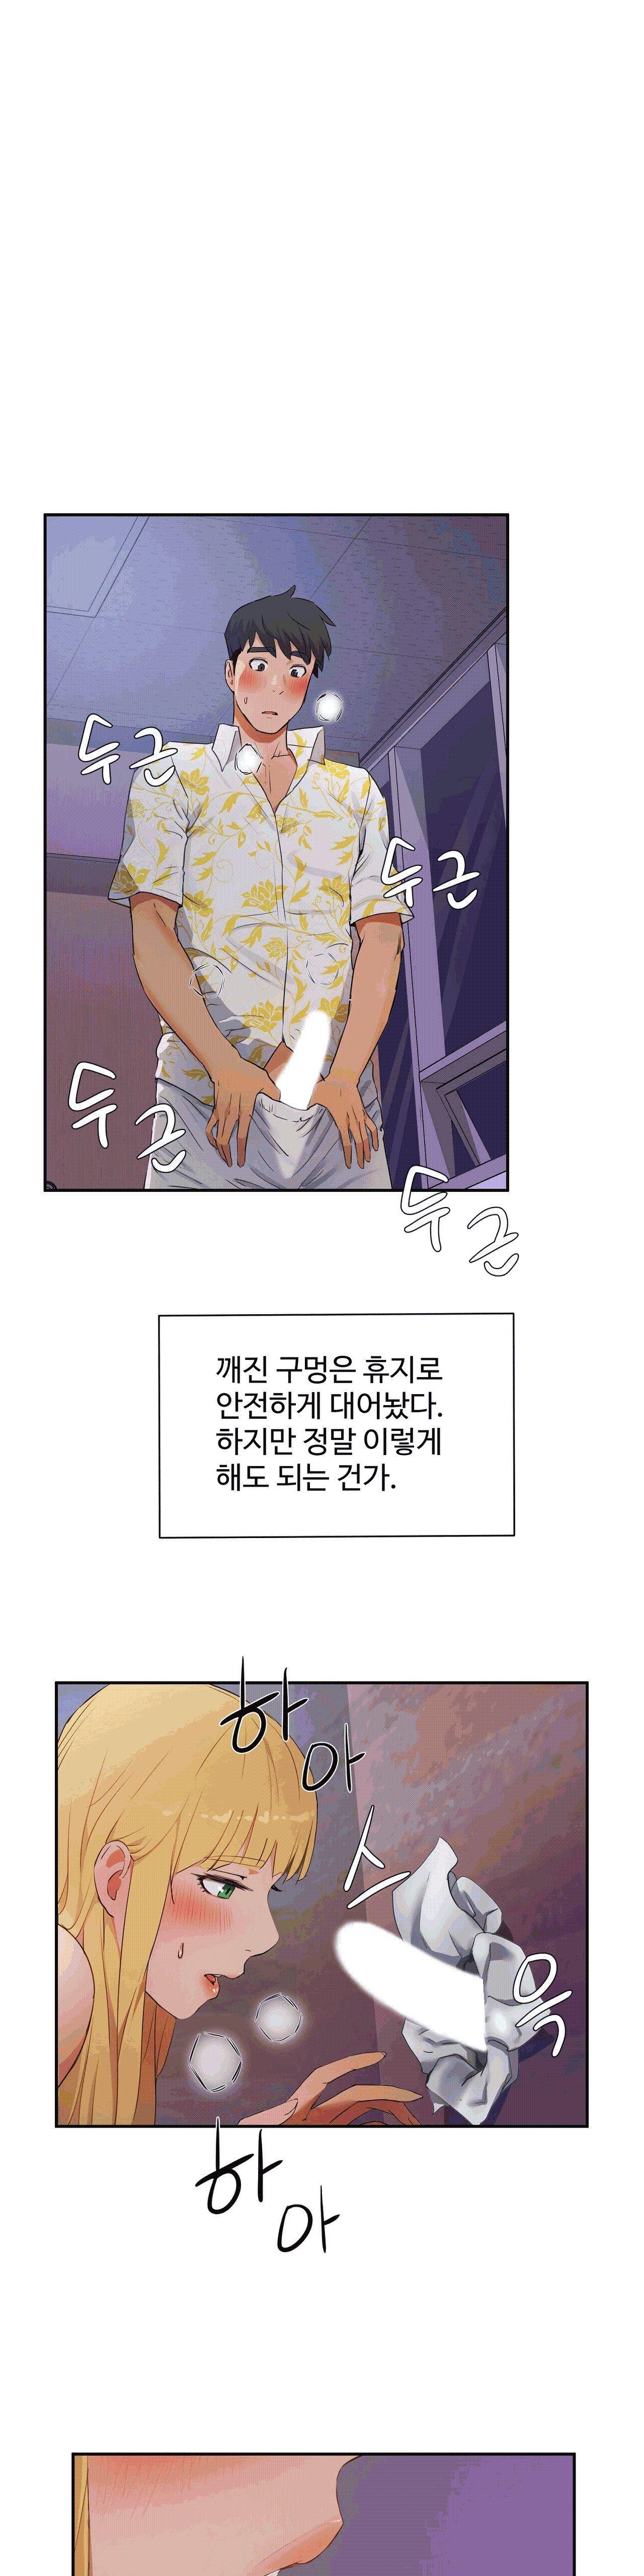 性教育 1-48.5 中文翻译(完結) 471